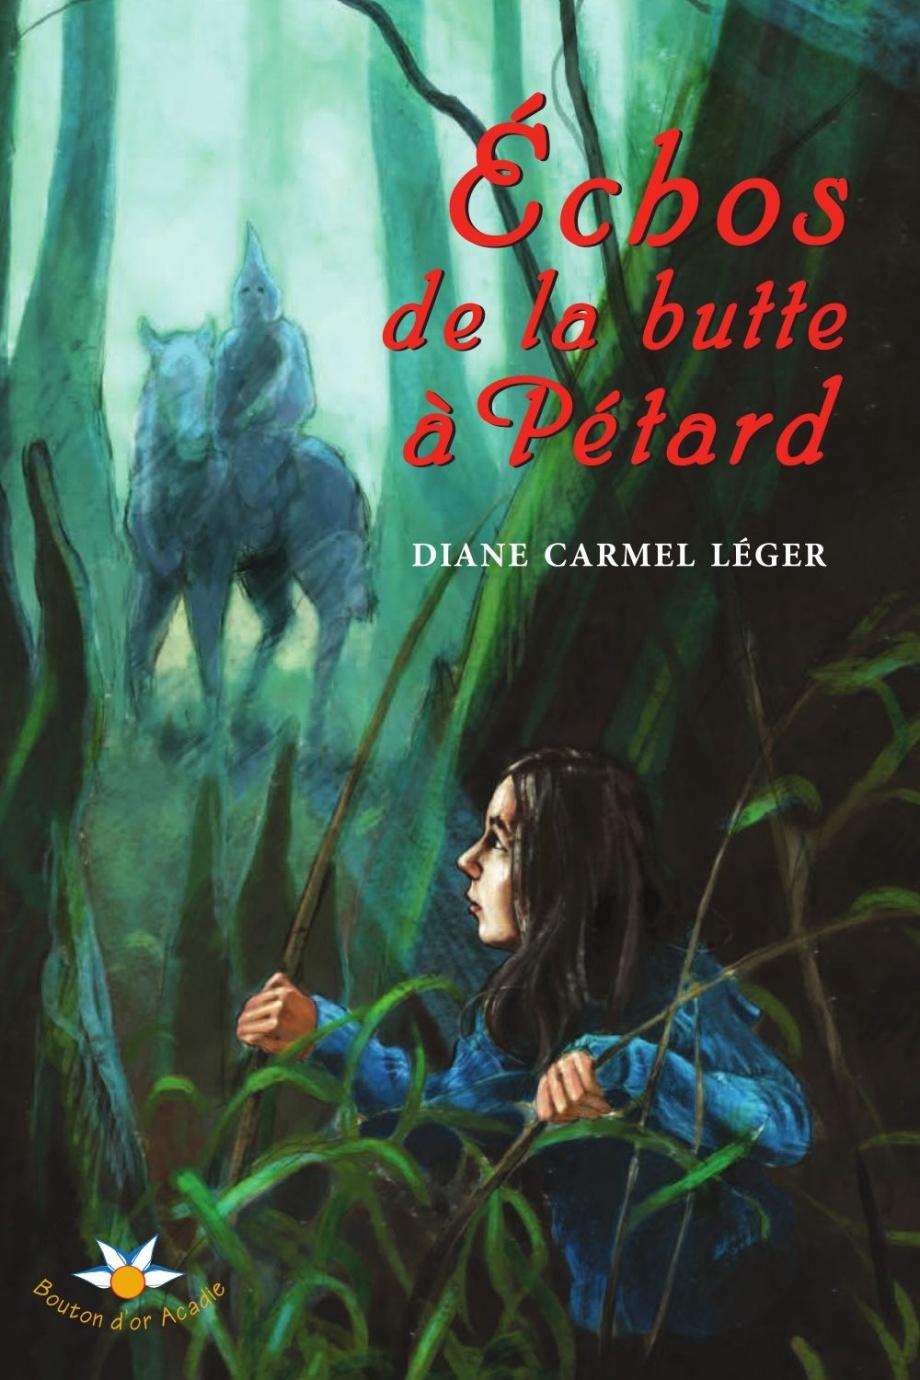 Échos de la butte à Pétard : roman